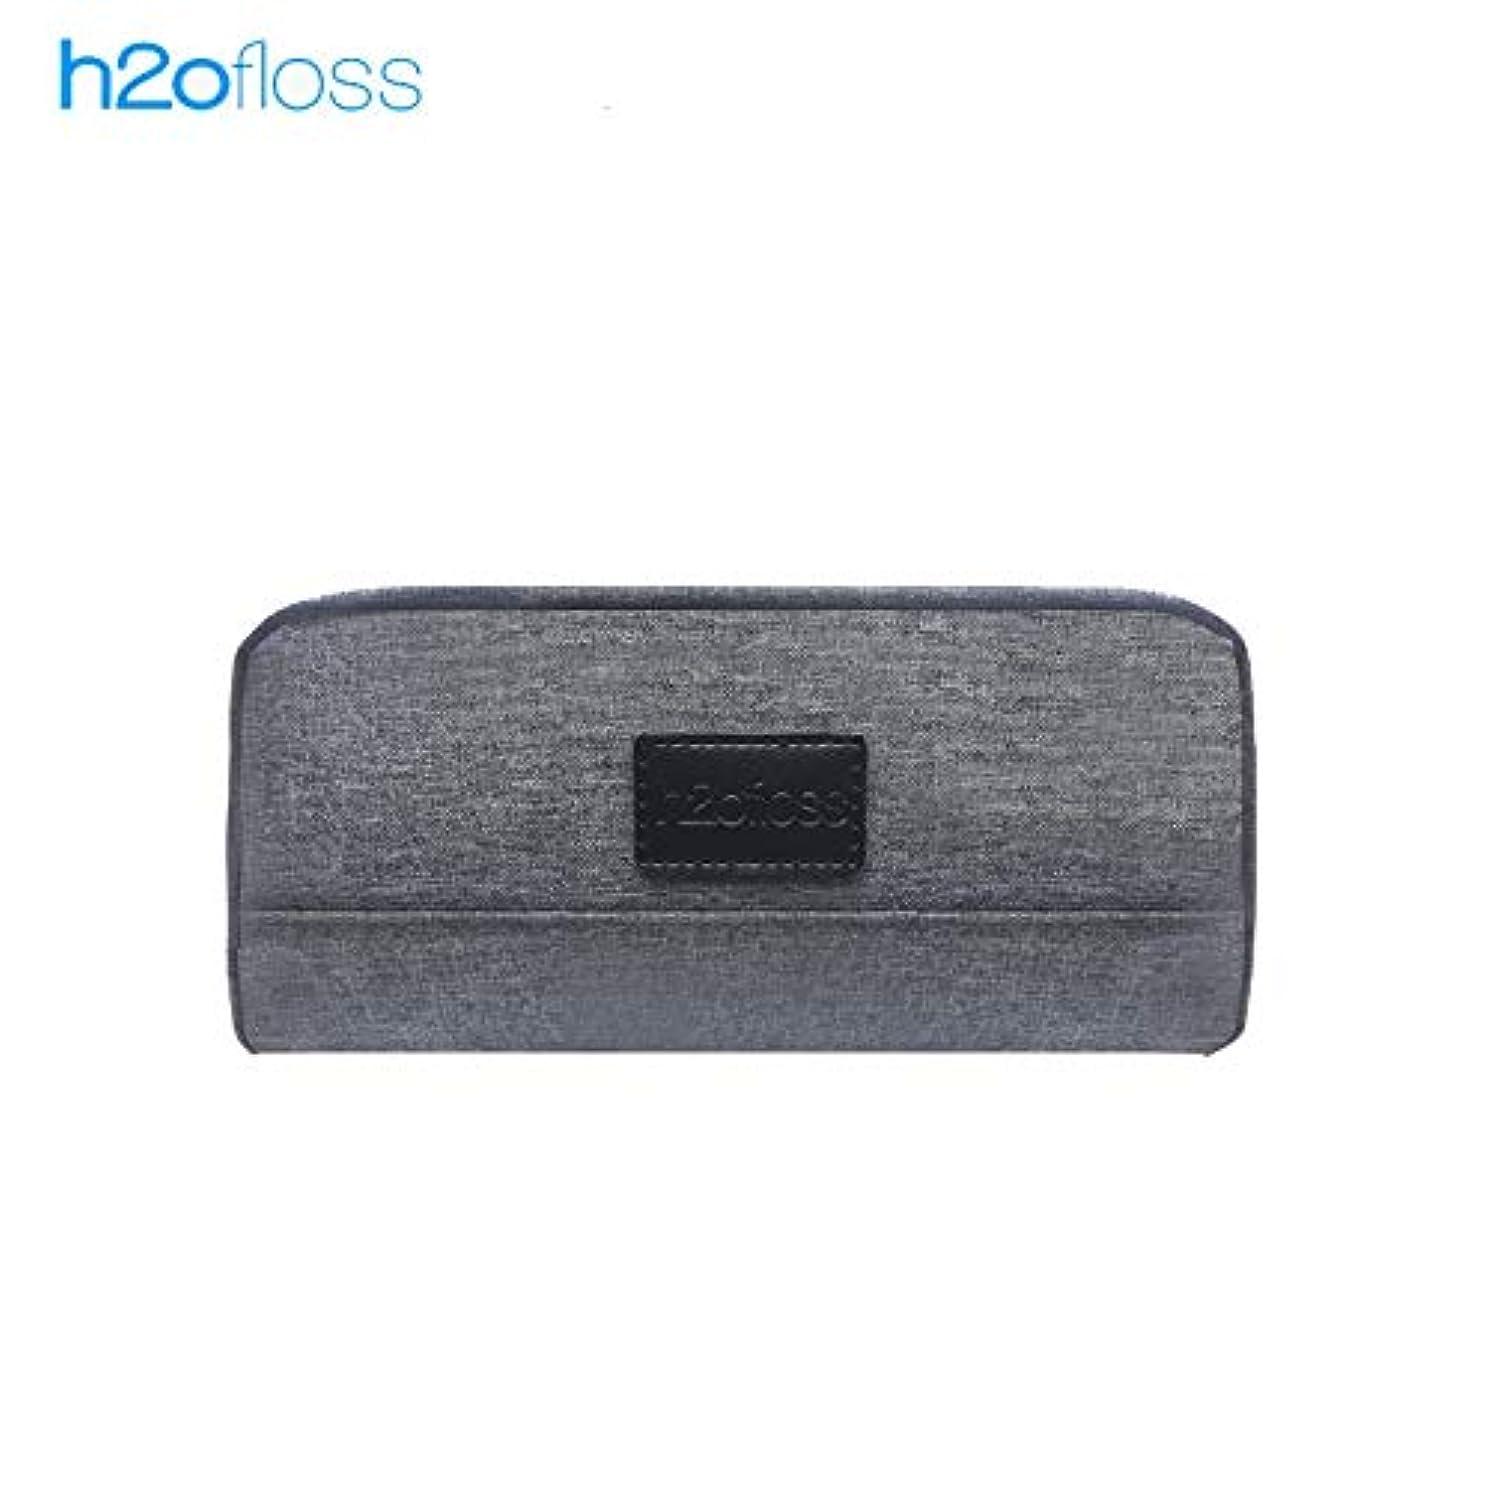 メーカークリーナー外科医h2ofloss HF-5 専用の収納バッグ 口腔洗浄器 ジェットウォッシャー スーパー便利な ハードケース 専用旅行収納